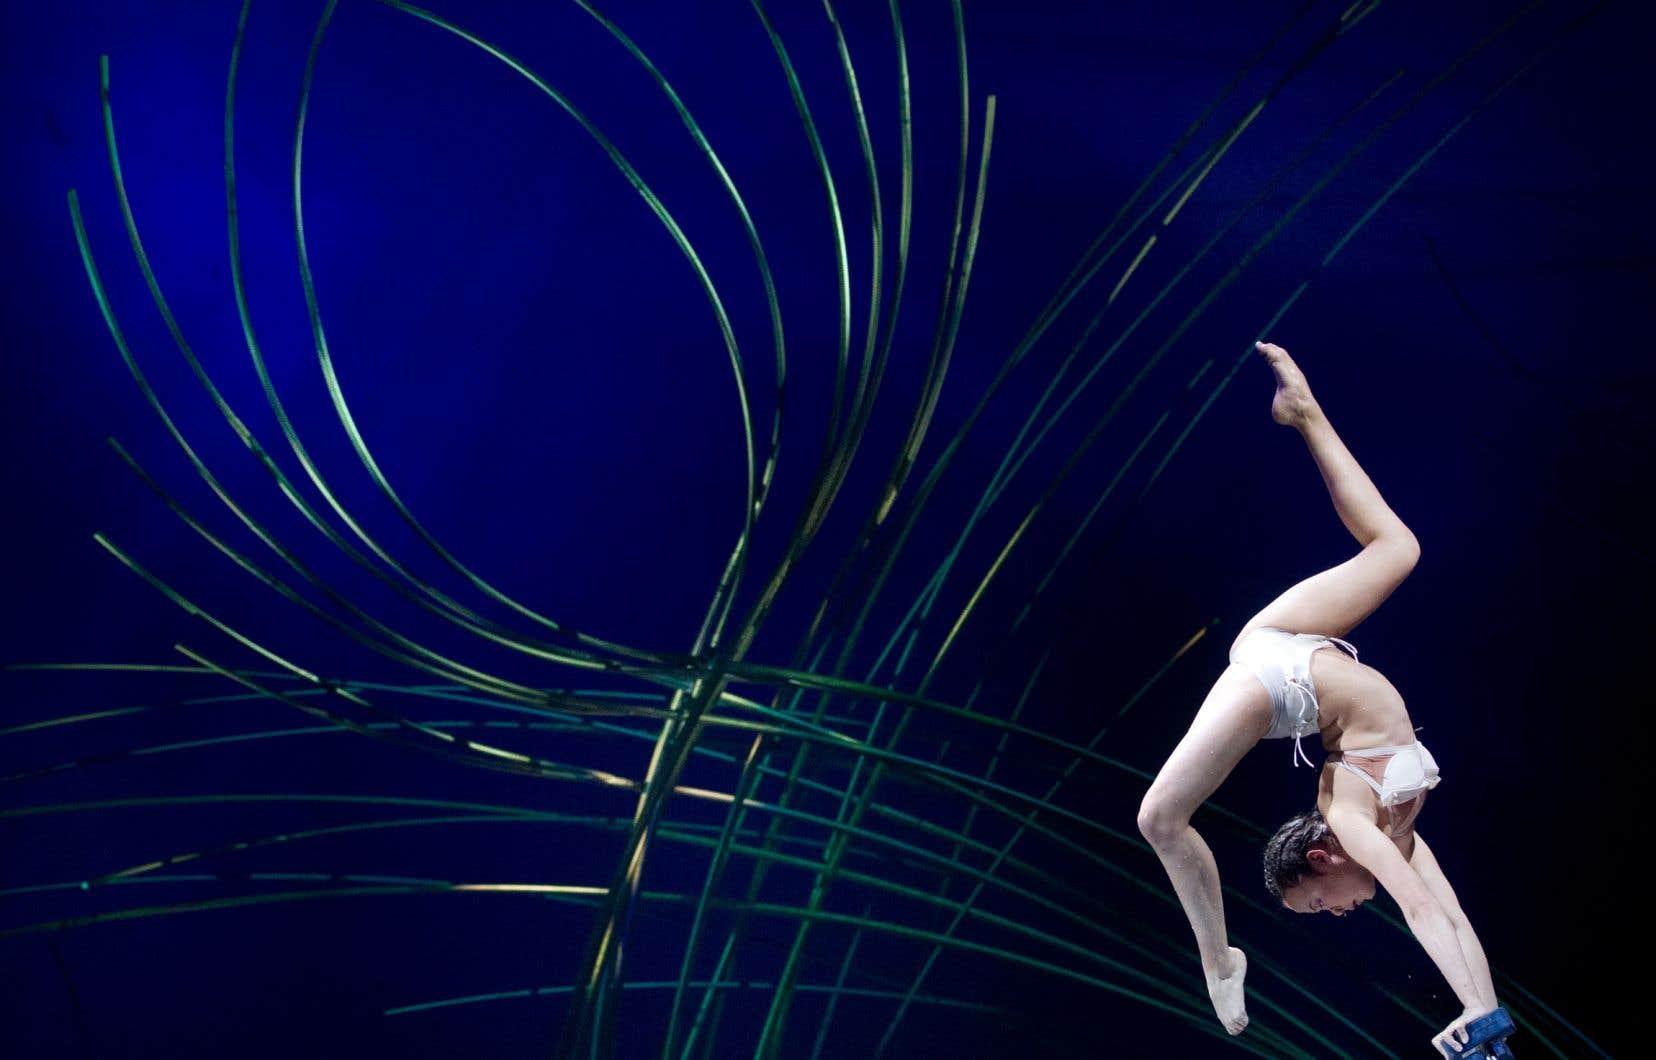 Extrait du spectacle «Amaluna» du Cirque du Soleil présenté en 2012